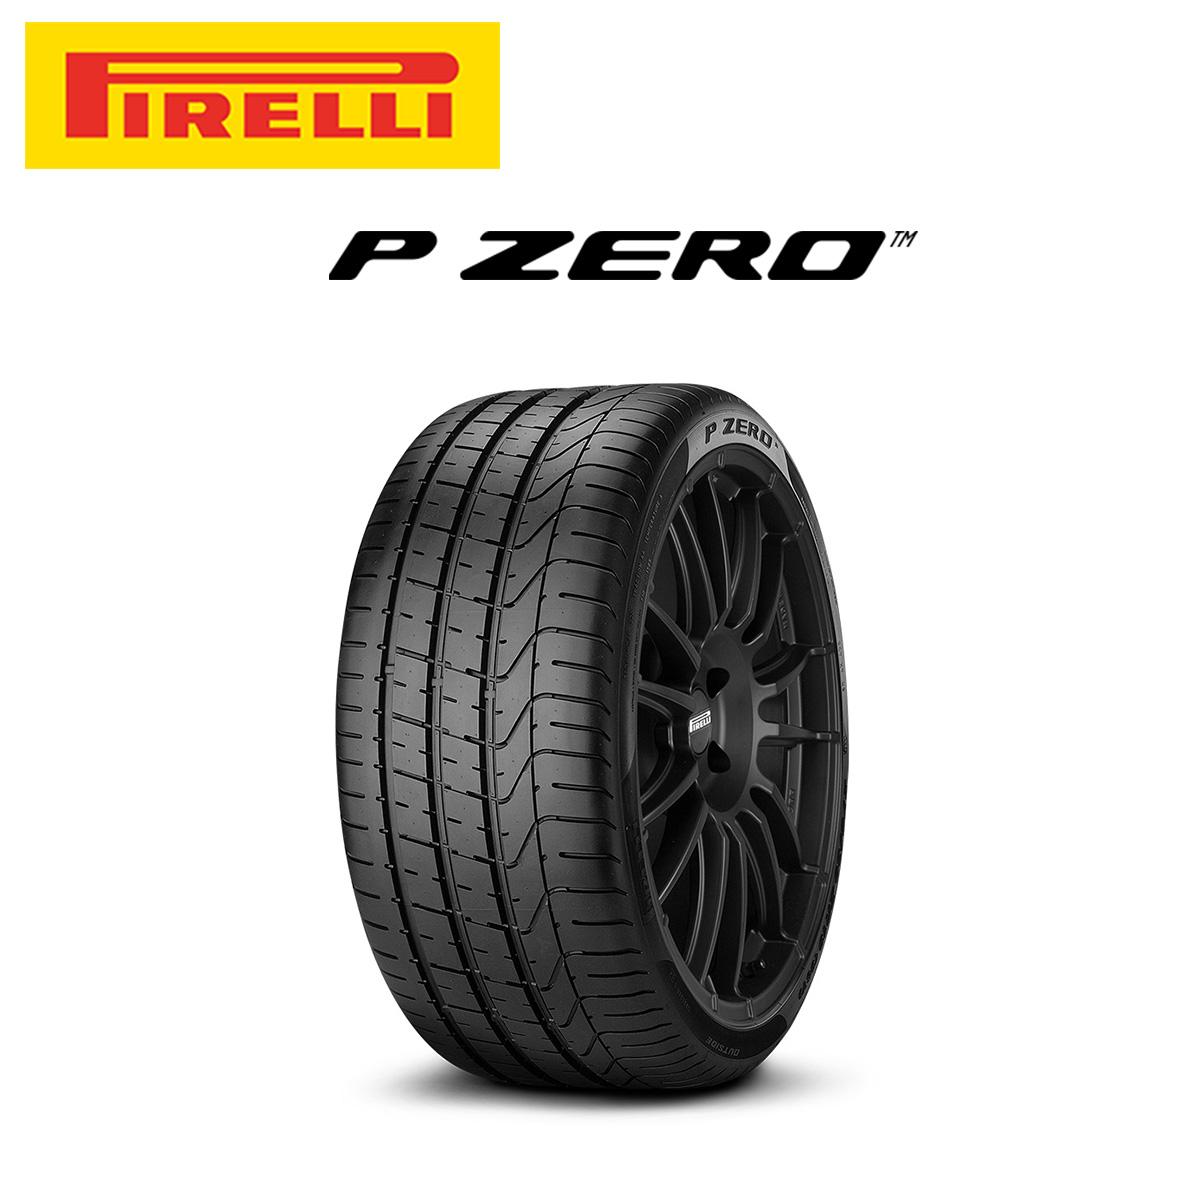 ピレリ PIRELLI P ZERO ピーゼロ 19インチ サマー タイヤ 4本 セット 255/35R19 96Y XL r-f MOE:メルセデスベンツ承認タイヤ 2411900